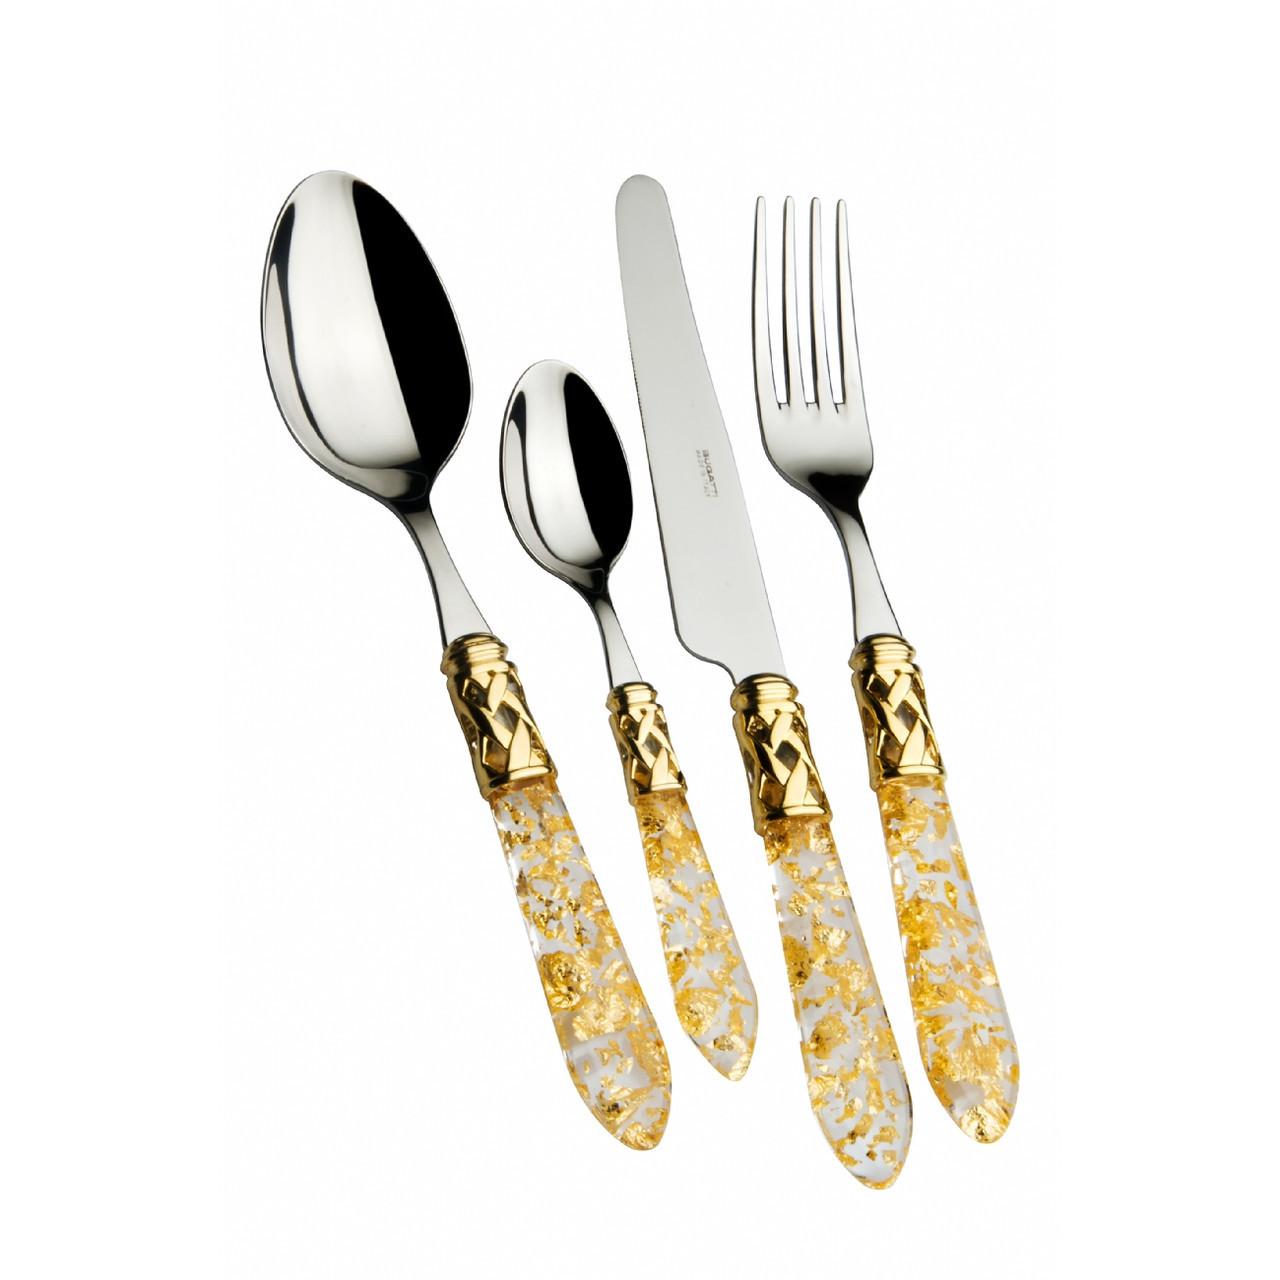 Набор столовых принадлежностей  Casa Bugatti  ALD1G-C4250 , цвет прозрачный с золотистыми частицами